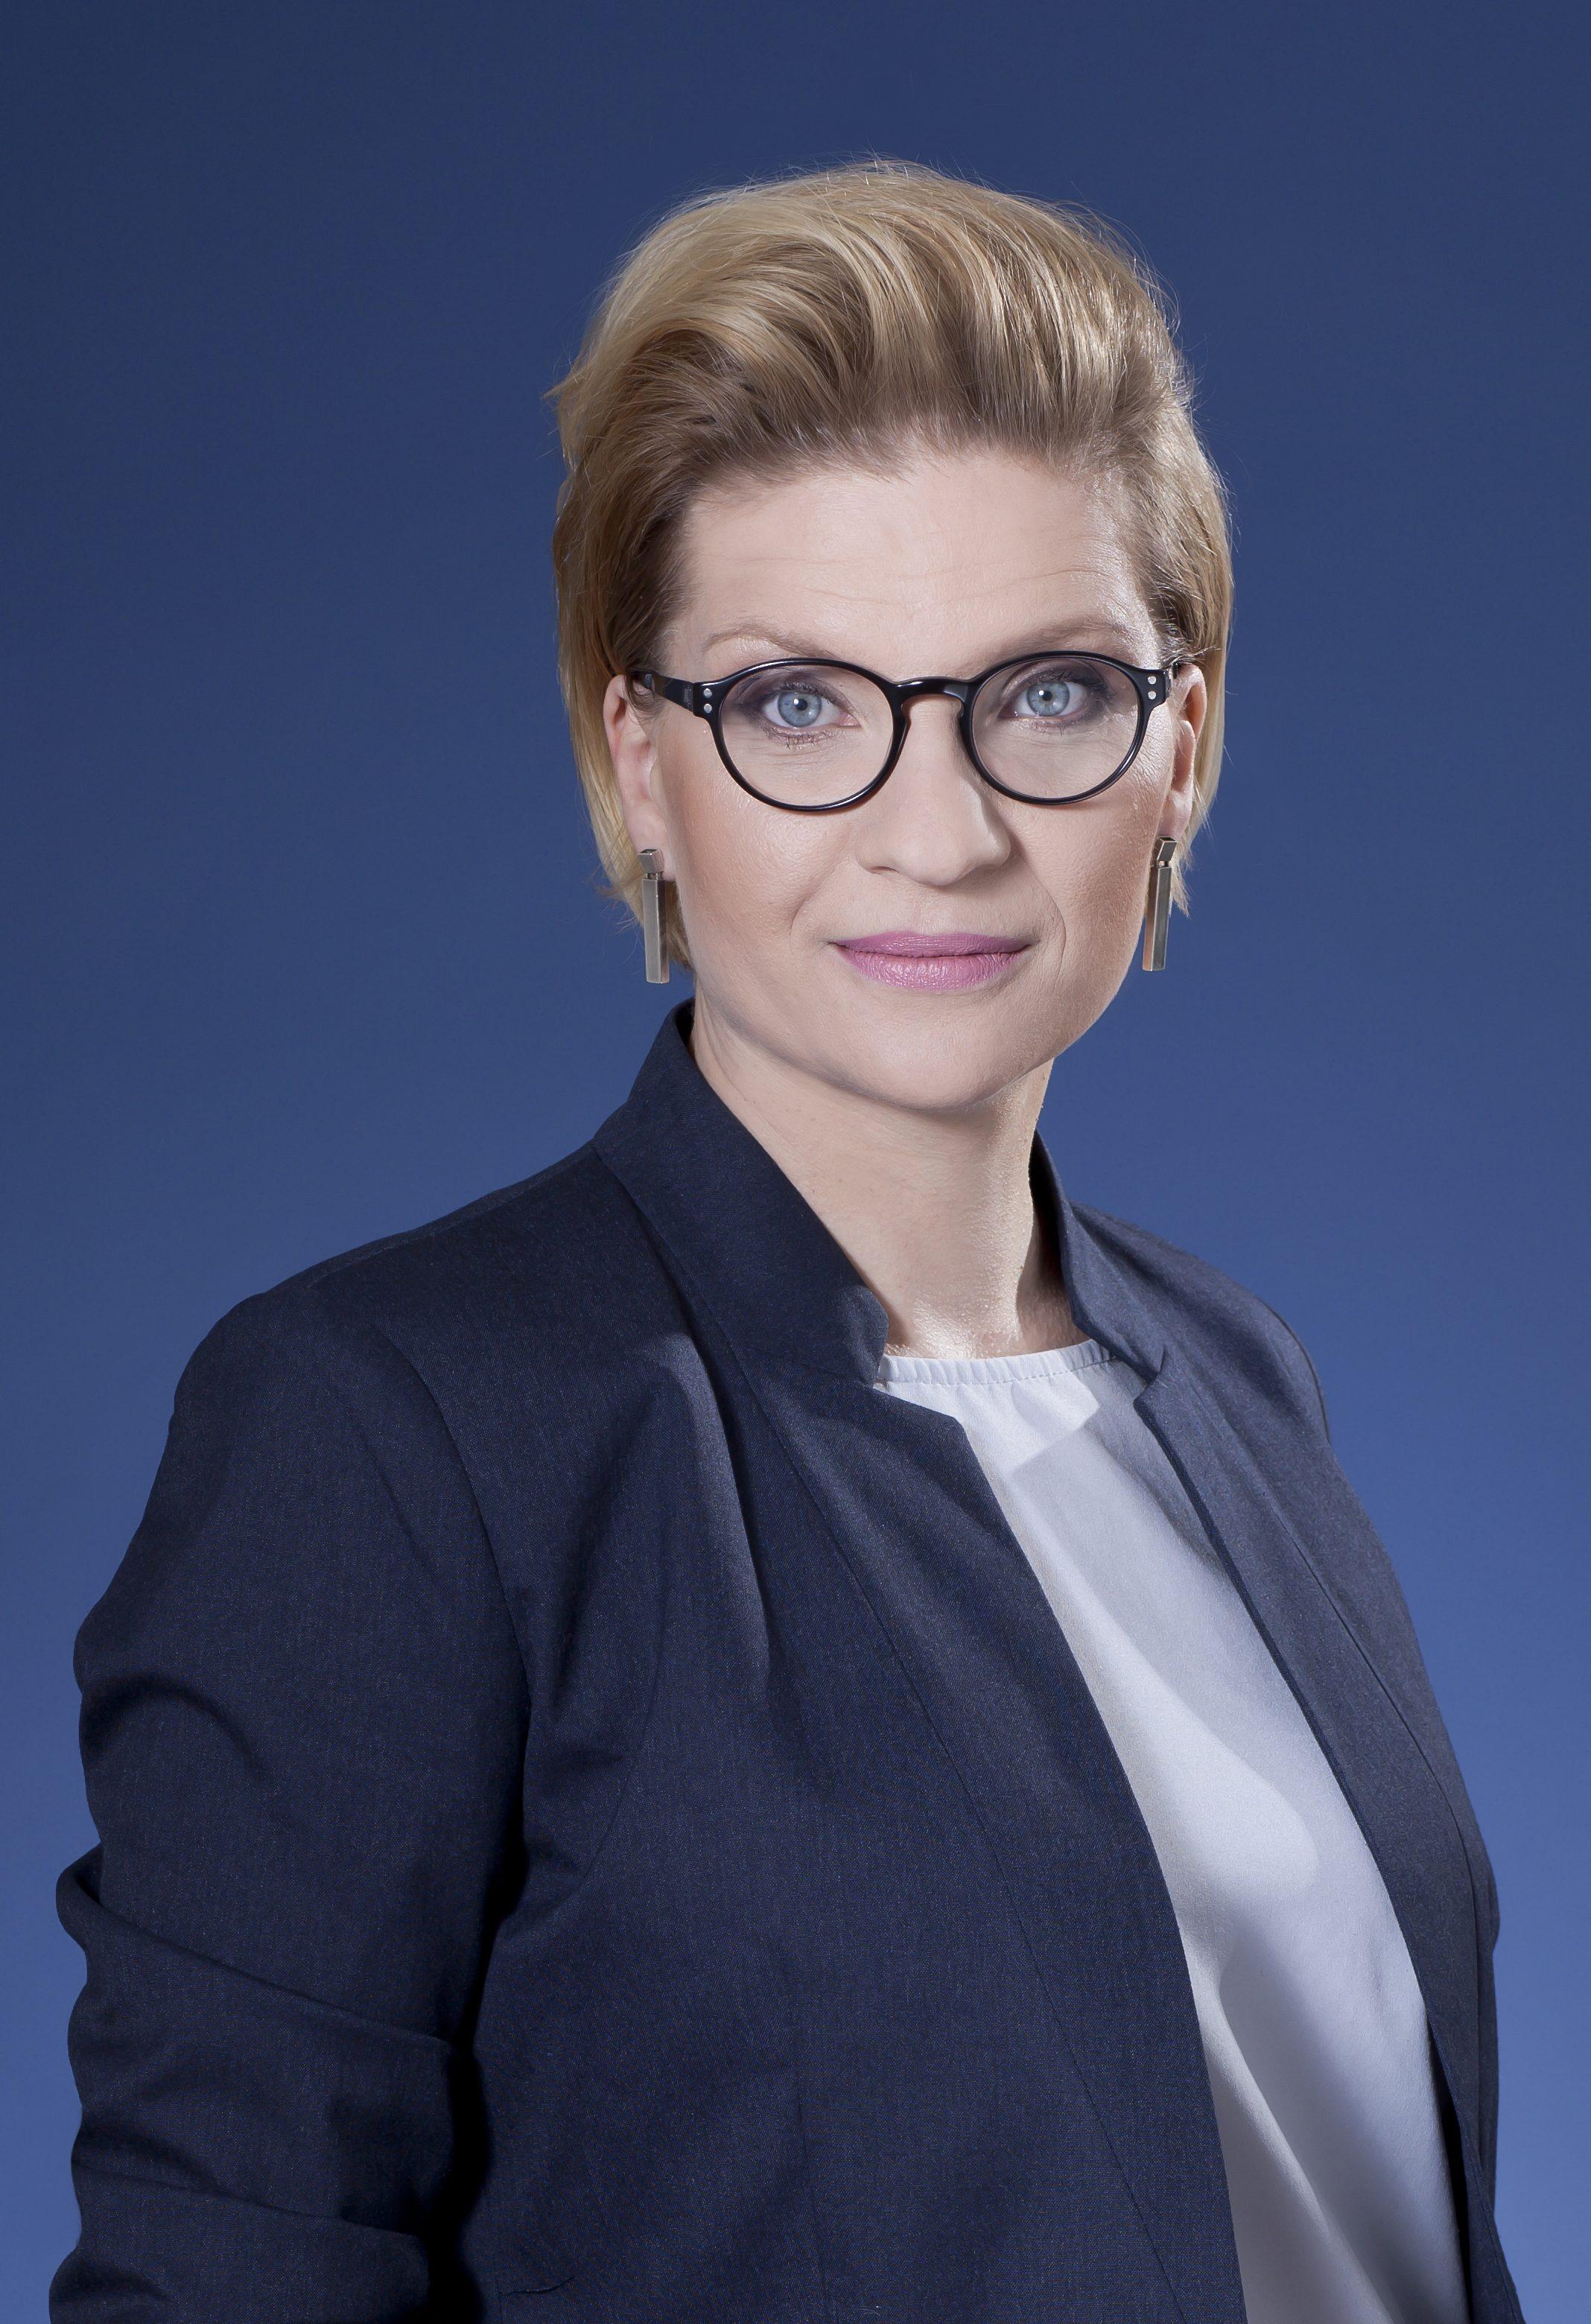 Beata Patuszyńska